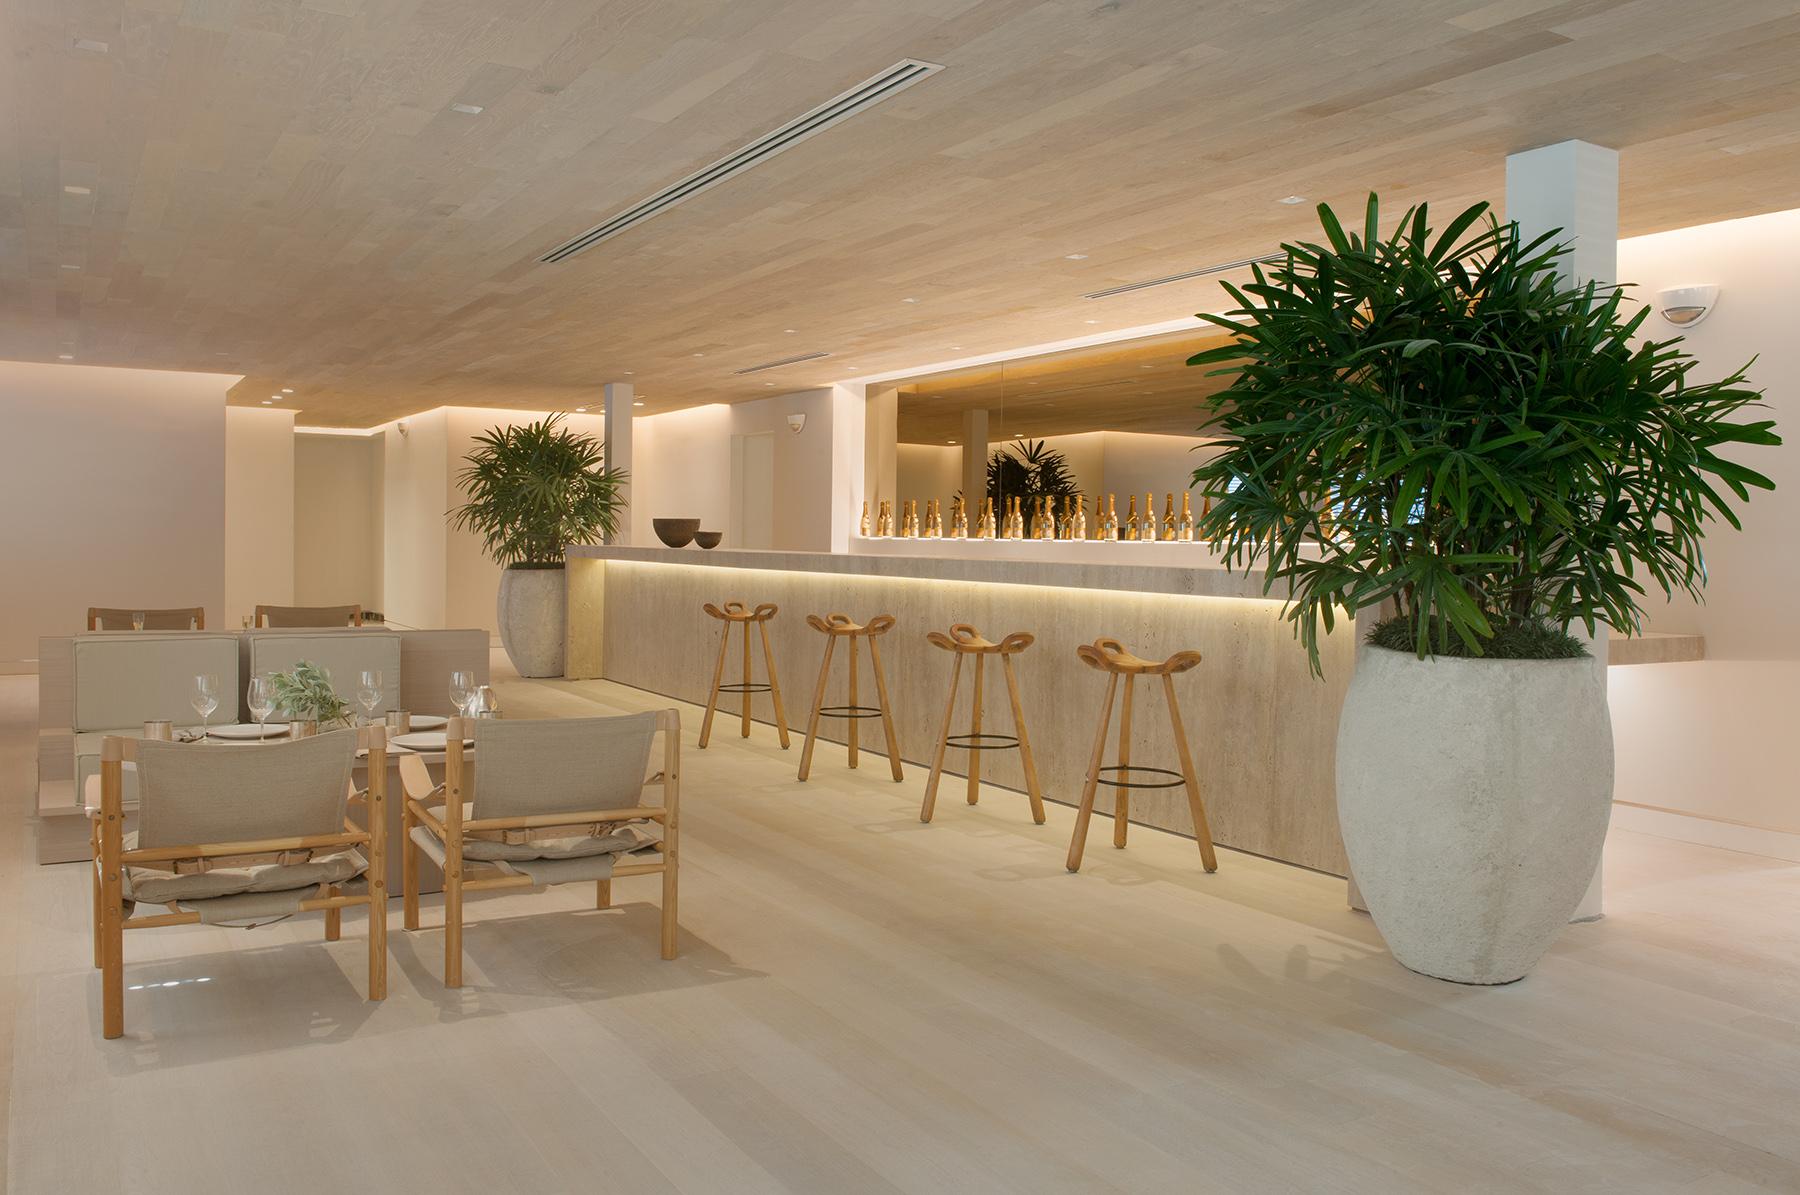 Peek Inside The Chad Oppenheim Designed Forte Dei Marmi In Miami Beach Curbed Miami